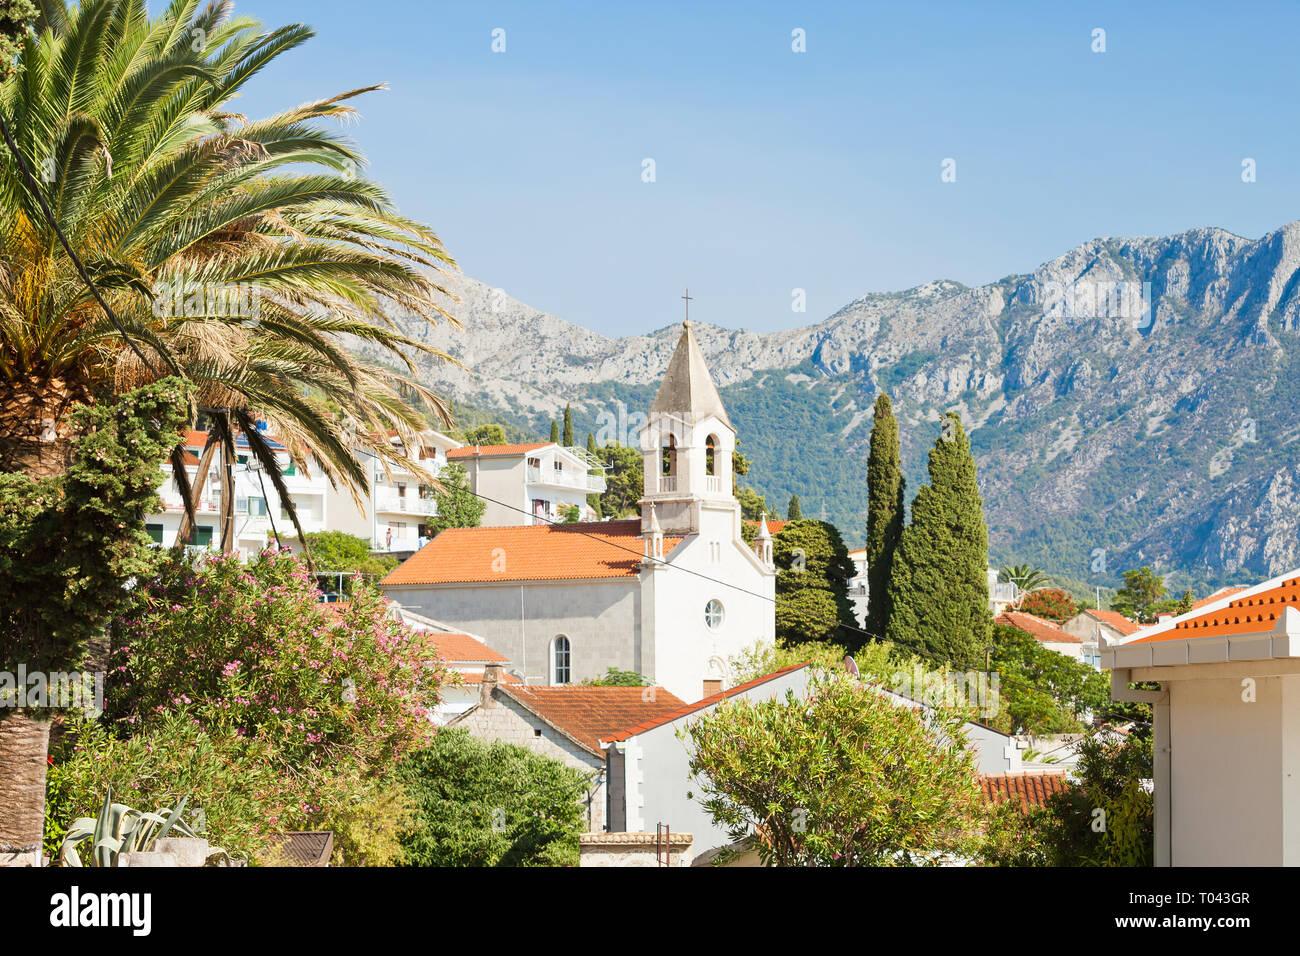 Brist, Dalmatien, Kroatien, Europa - Kirche von Brist vor den Bergen Stockfoto